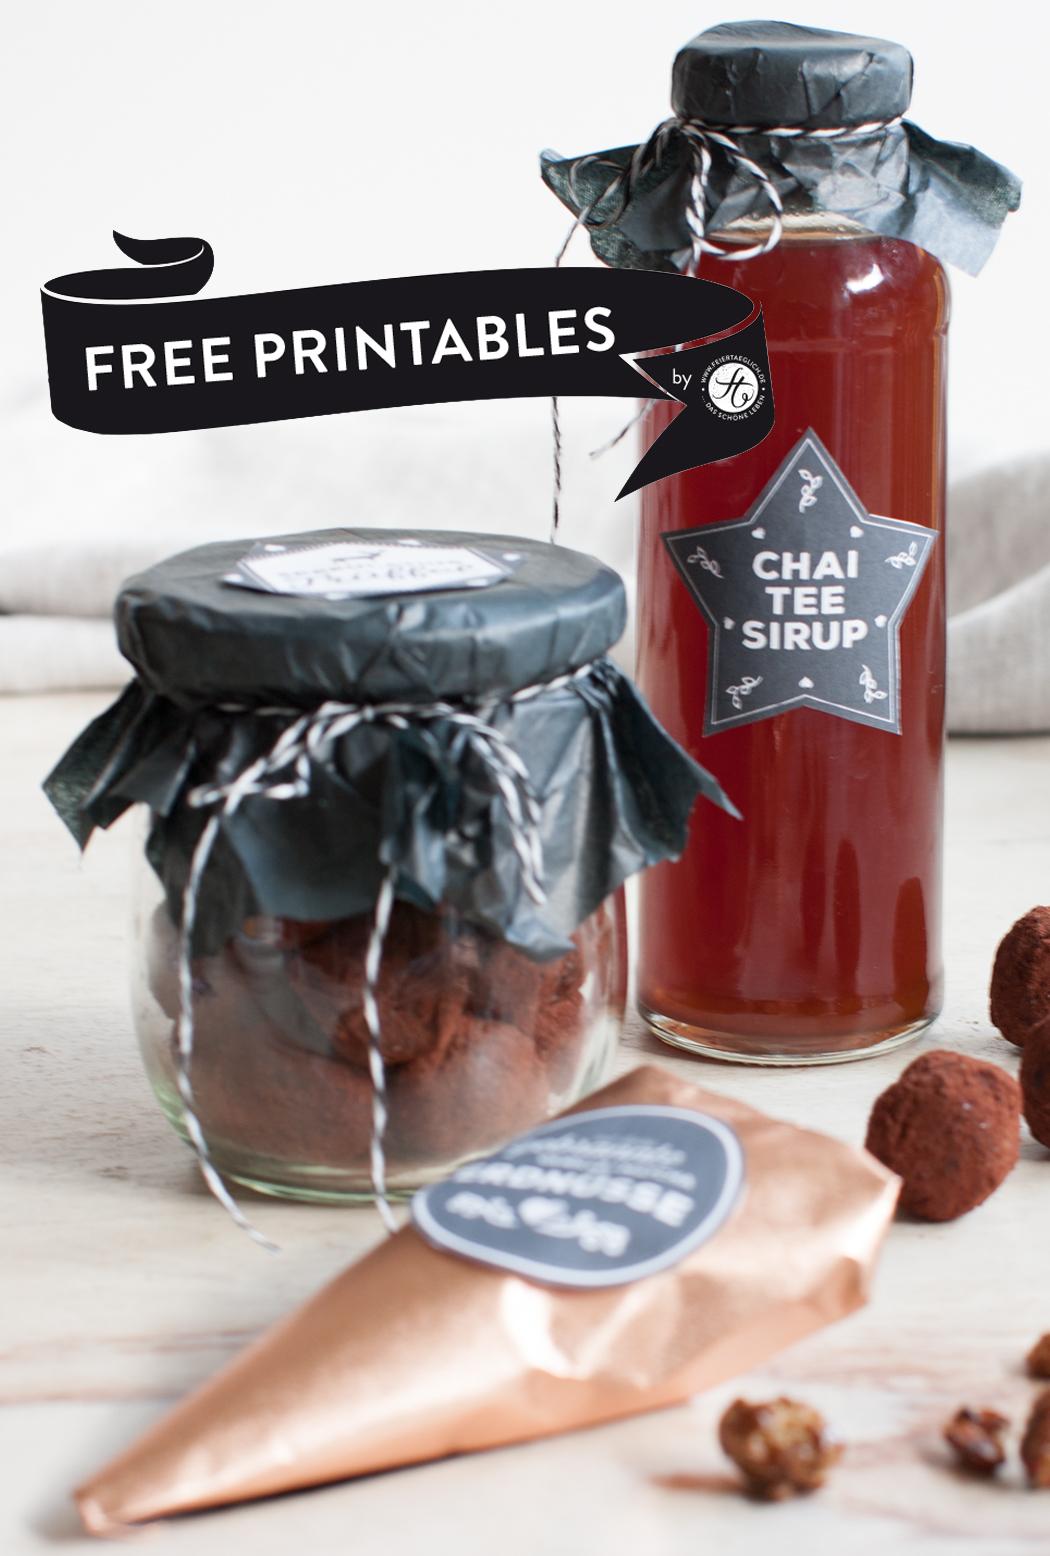 Geschenke aus der Küche: Chai-Tee-Sirup und alle Labels als free printables!